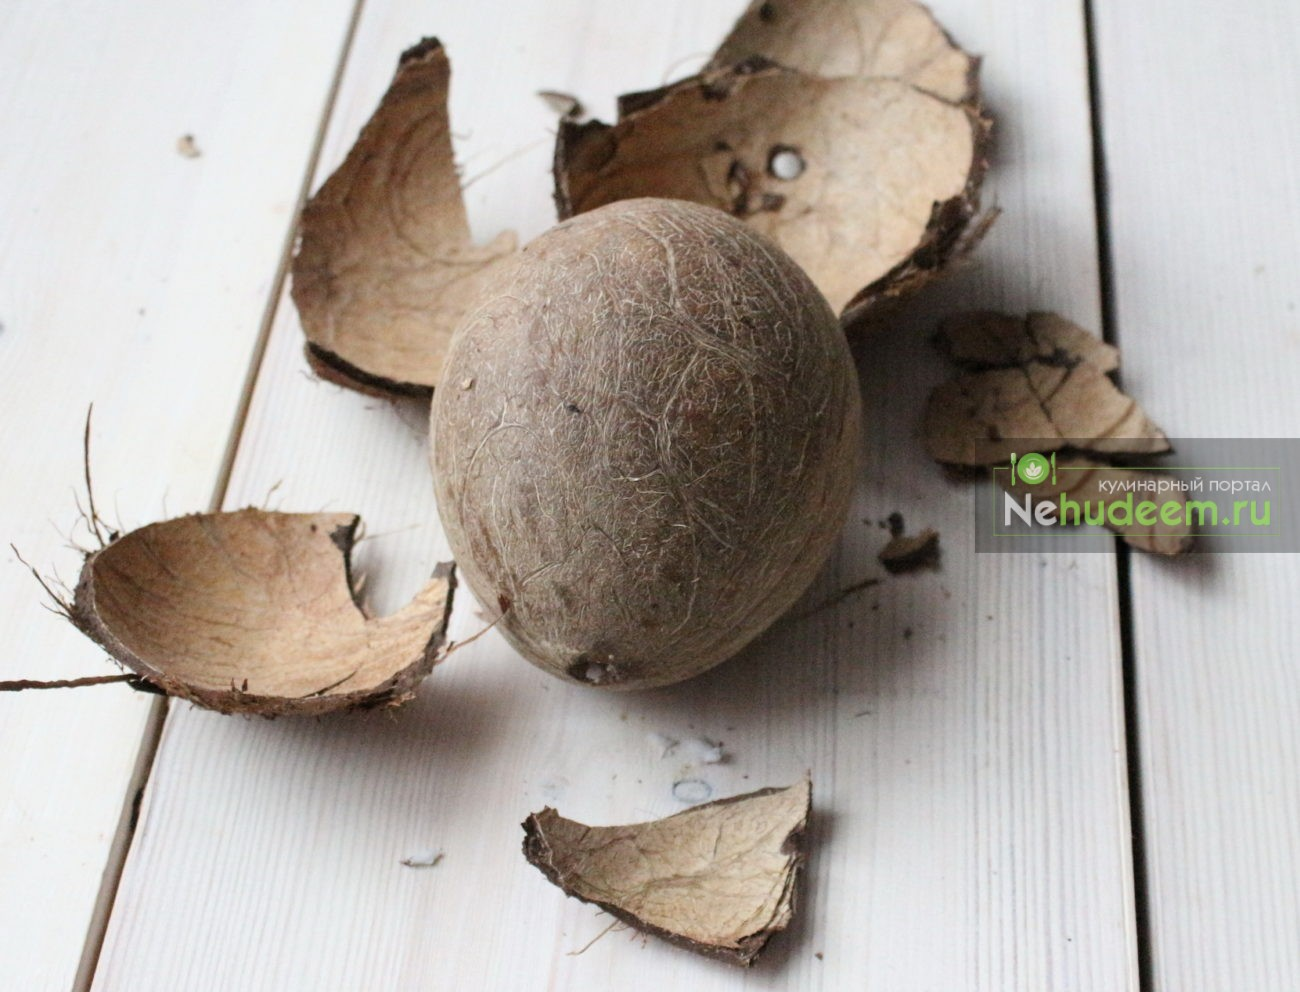 Как расколоть кокос в домашних условиях: инструкция 59